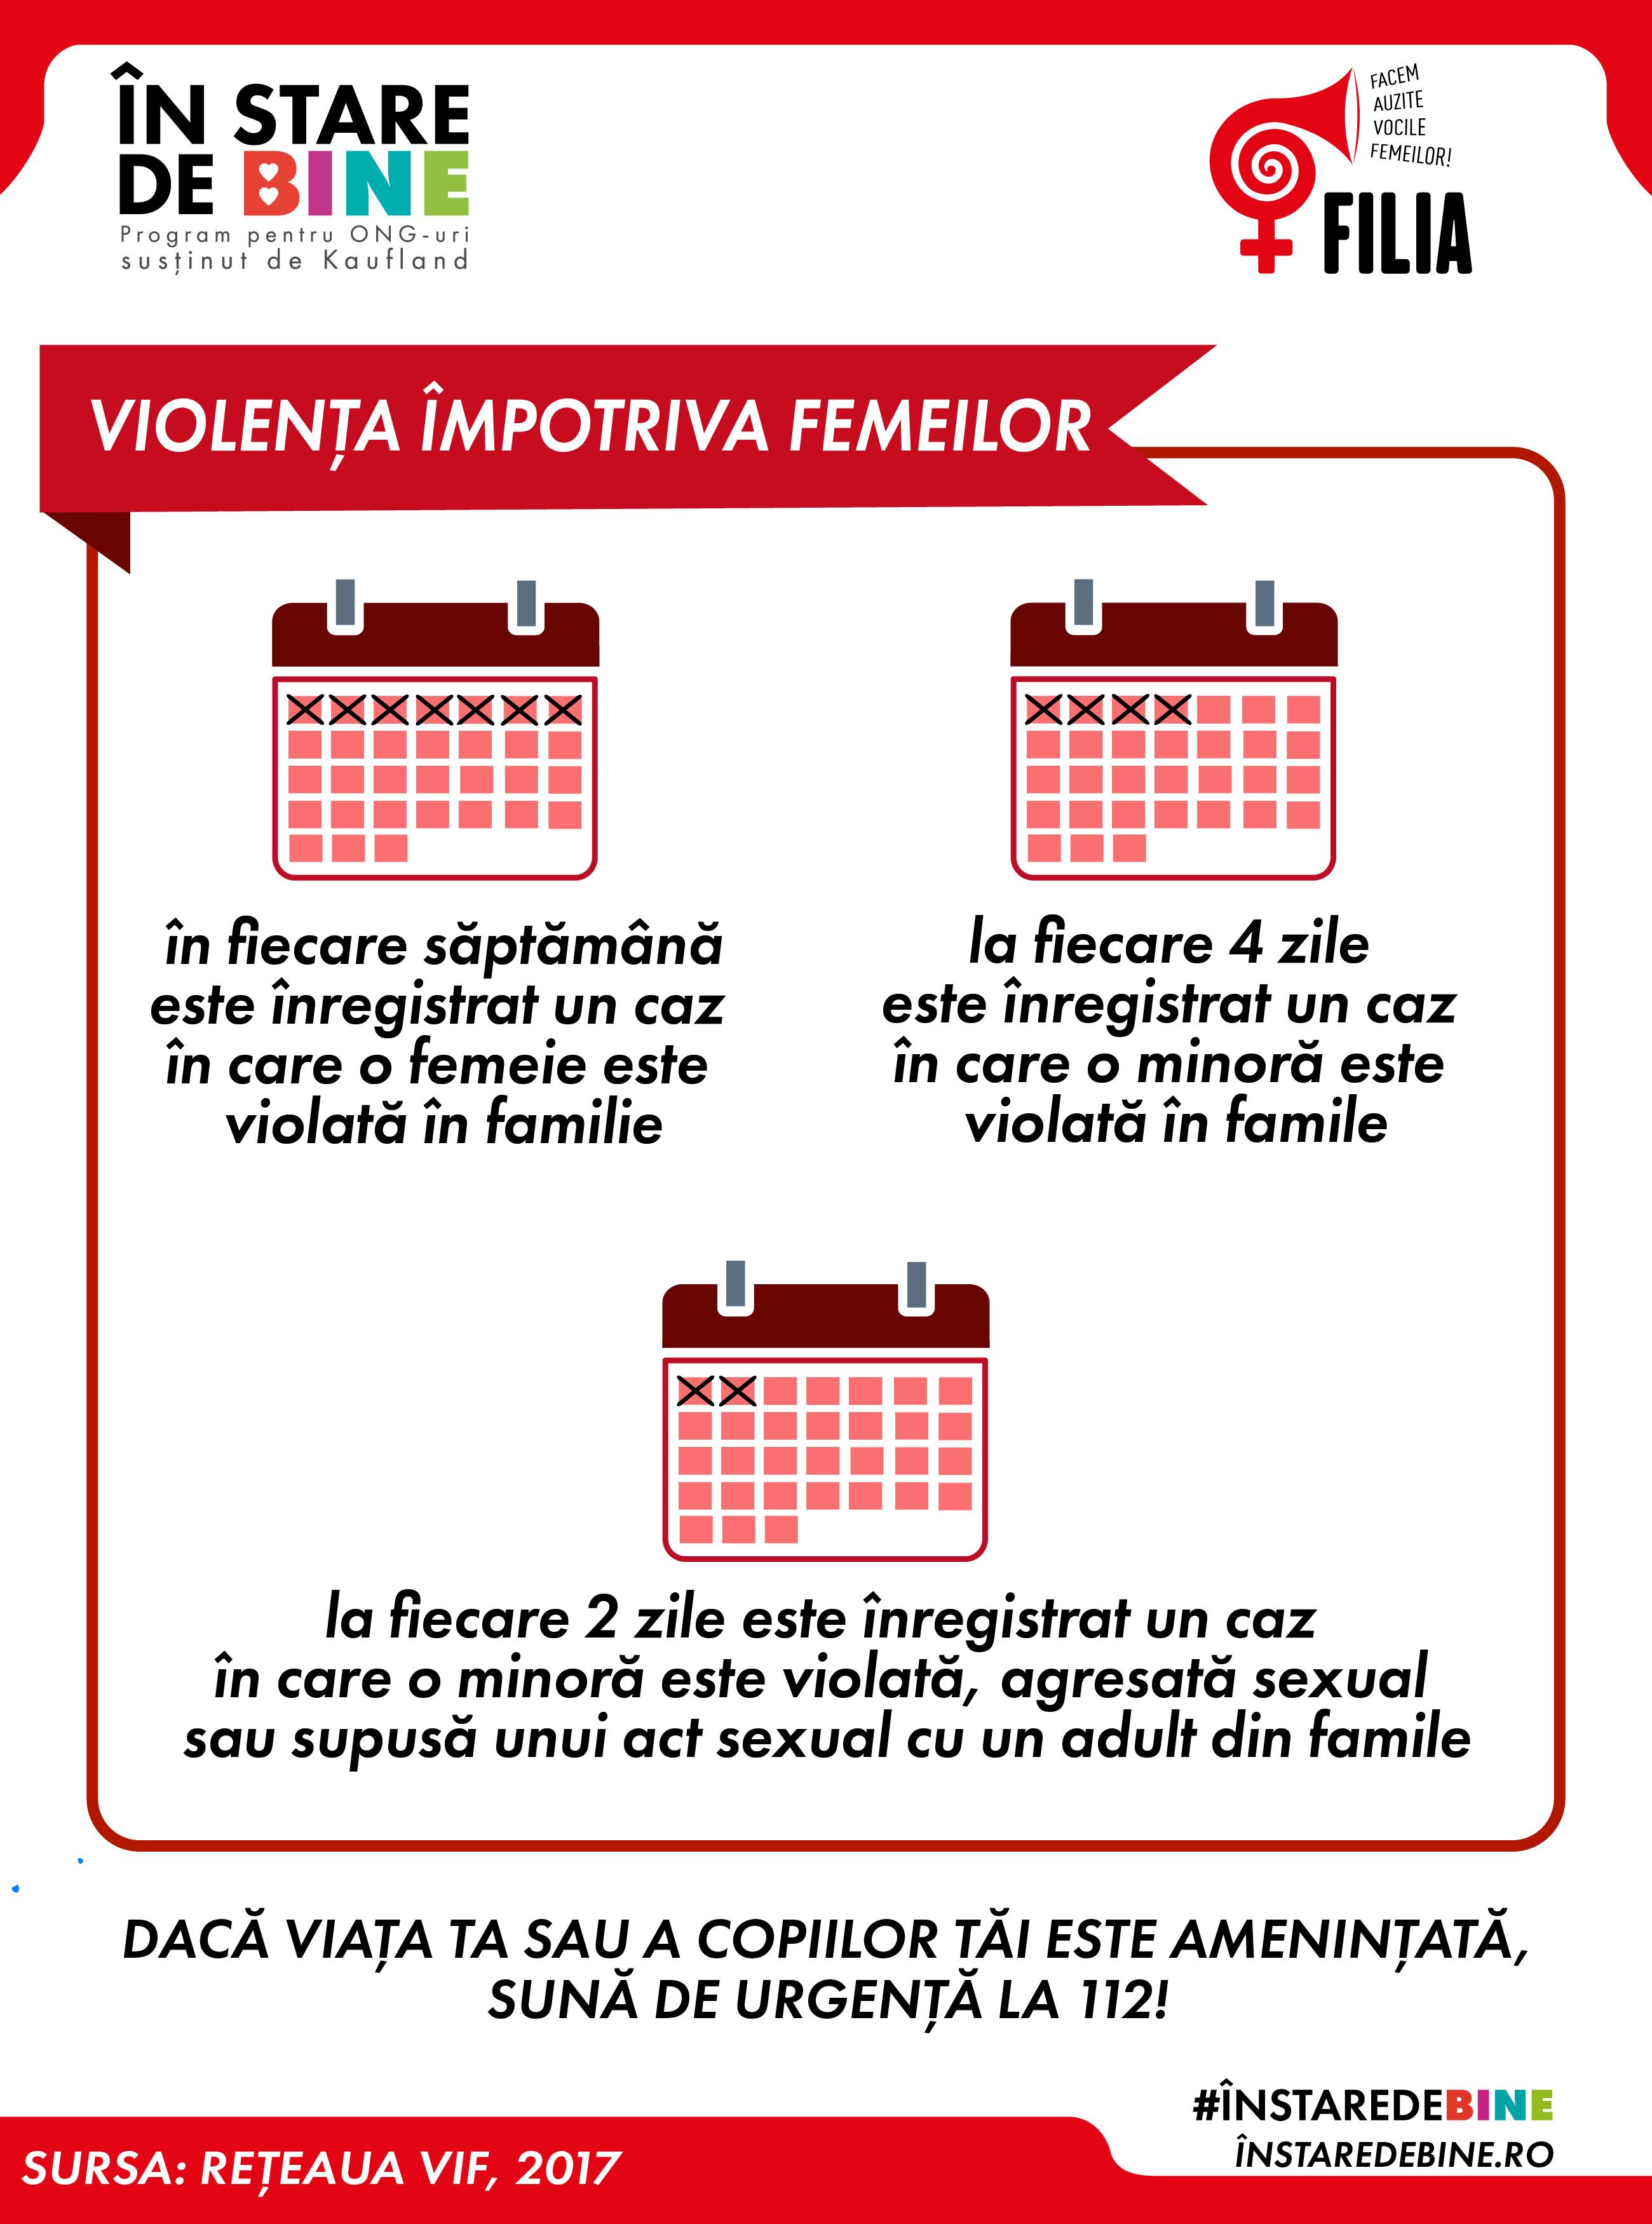 Întâlniri dedicate femeilor despre prevenirea și combaterea violenței domestice